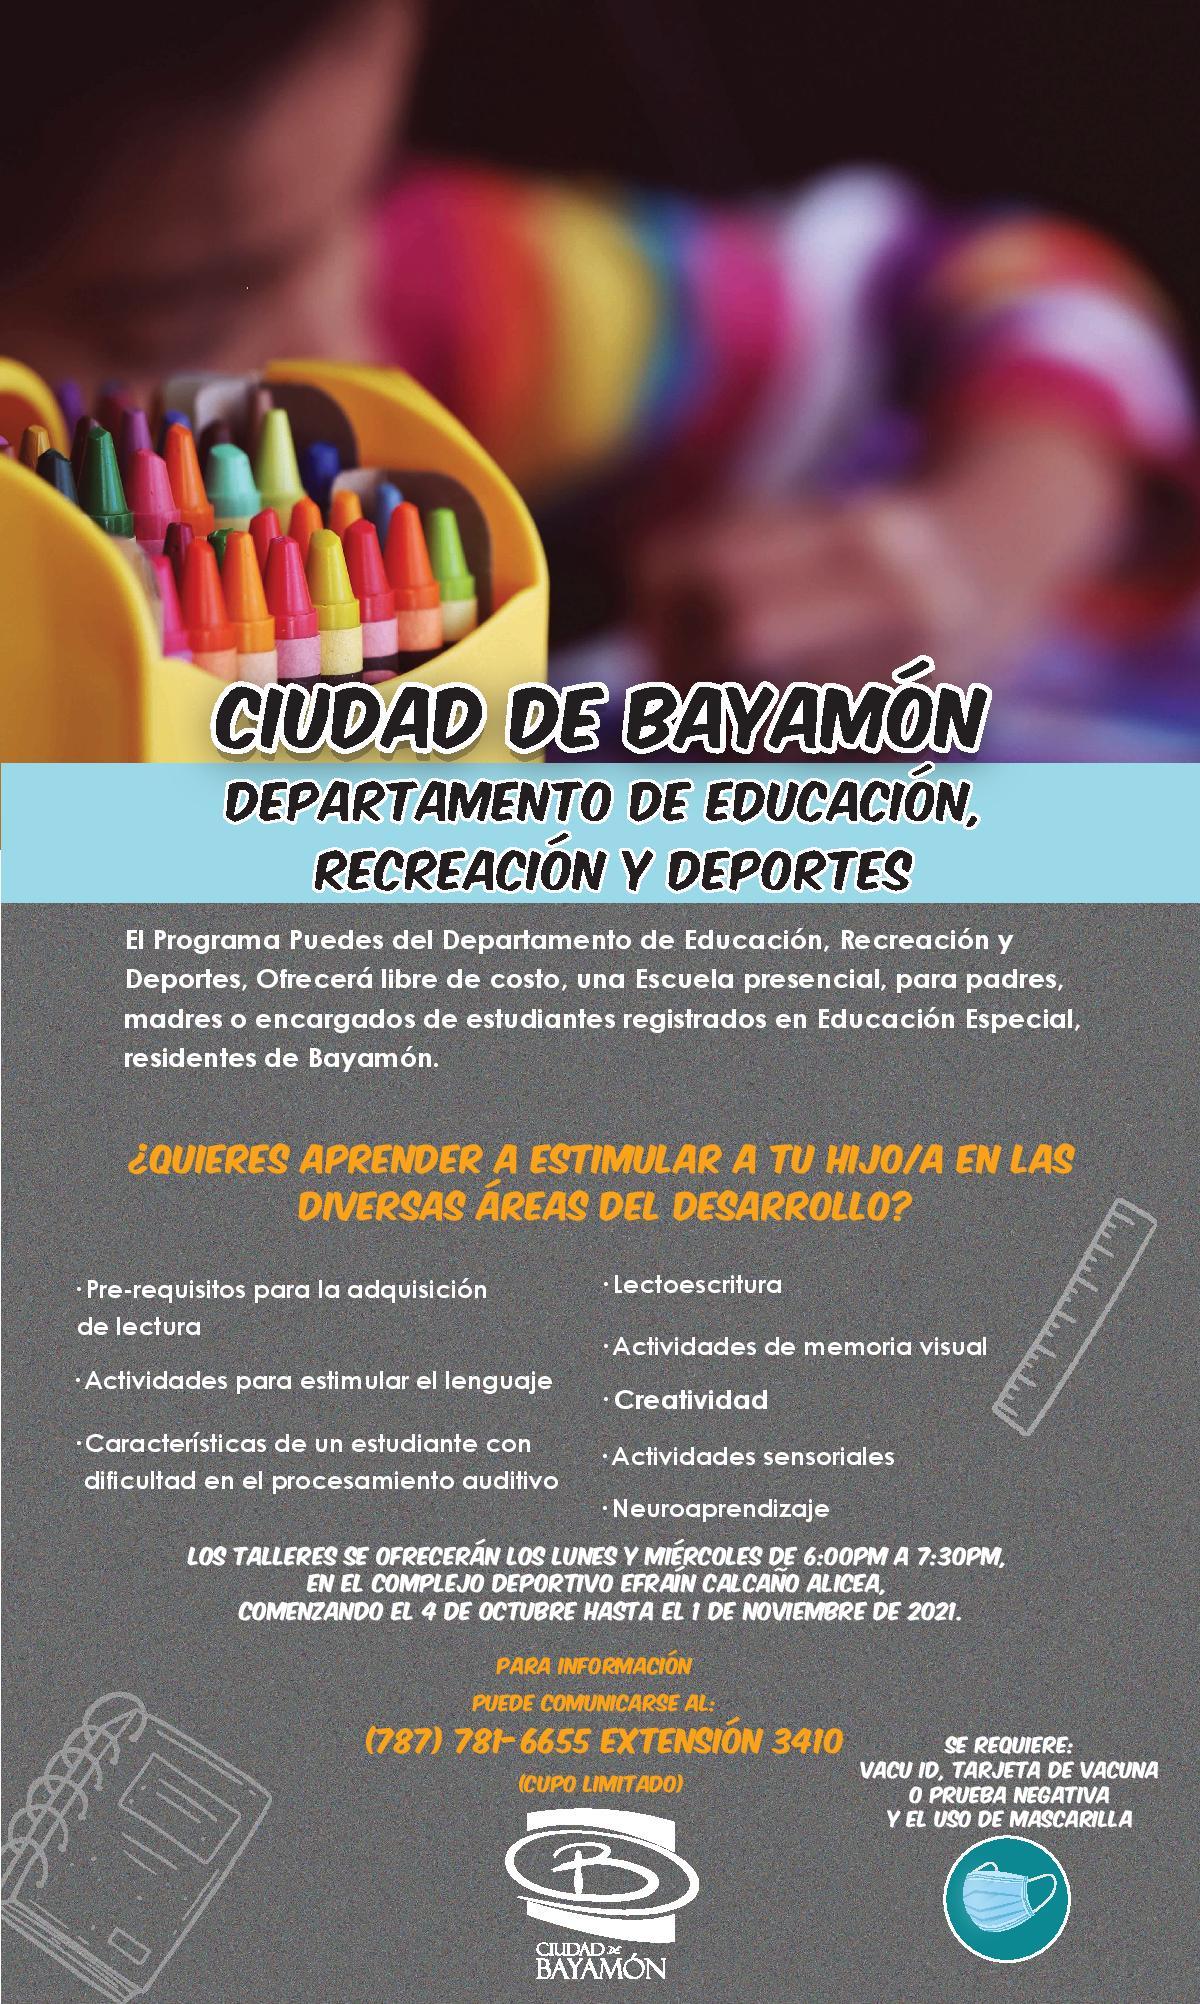 Talleres Gratis para Padres, Madres o Encargados de Estudiantes Registrados en Educación Especial